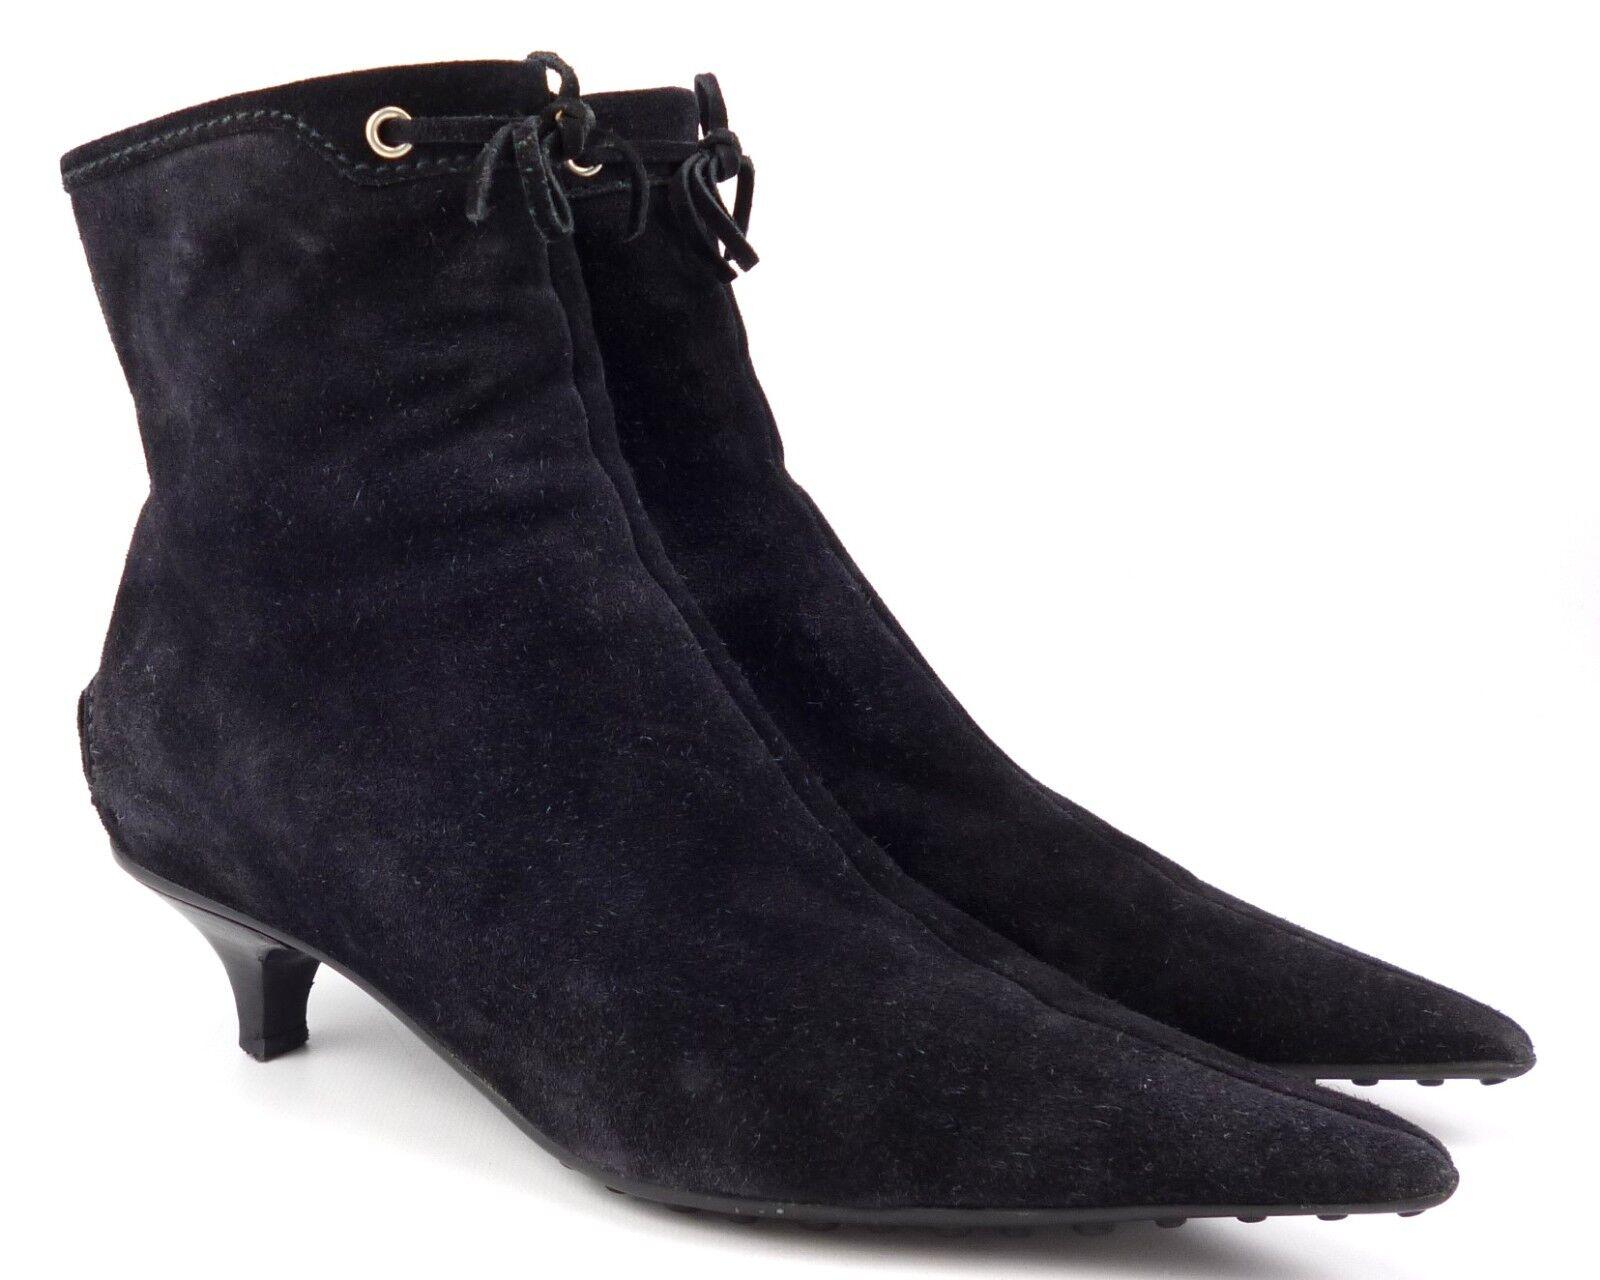 Car Car Car zapatos Mujer Gamuza Cremallera Botines Zapatos Talla 37.5, EE. UU. 7.5 Negro  Ahorre hasta un 70% de descuento.